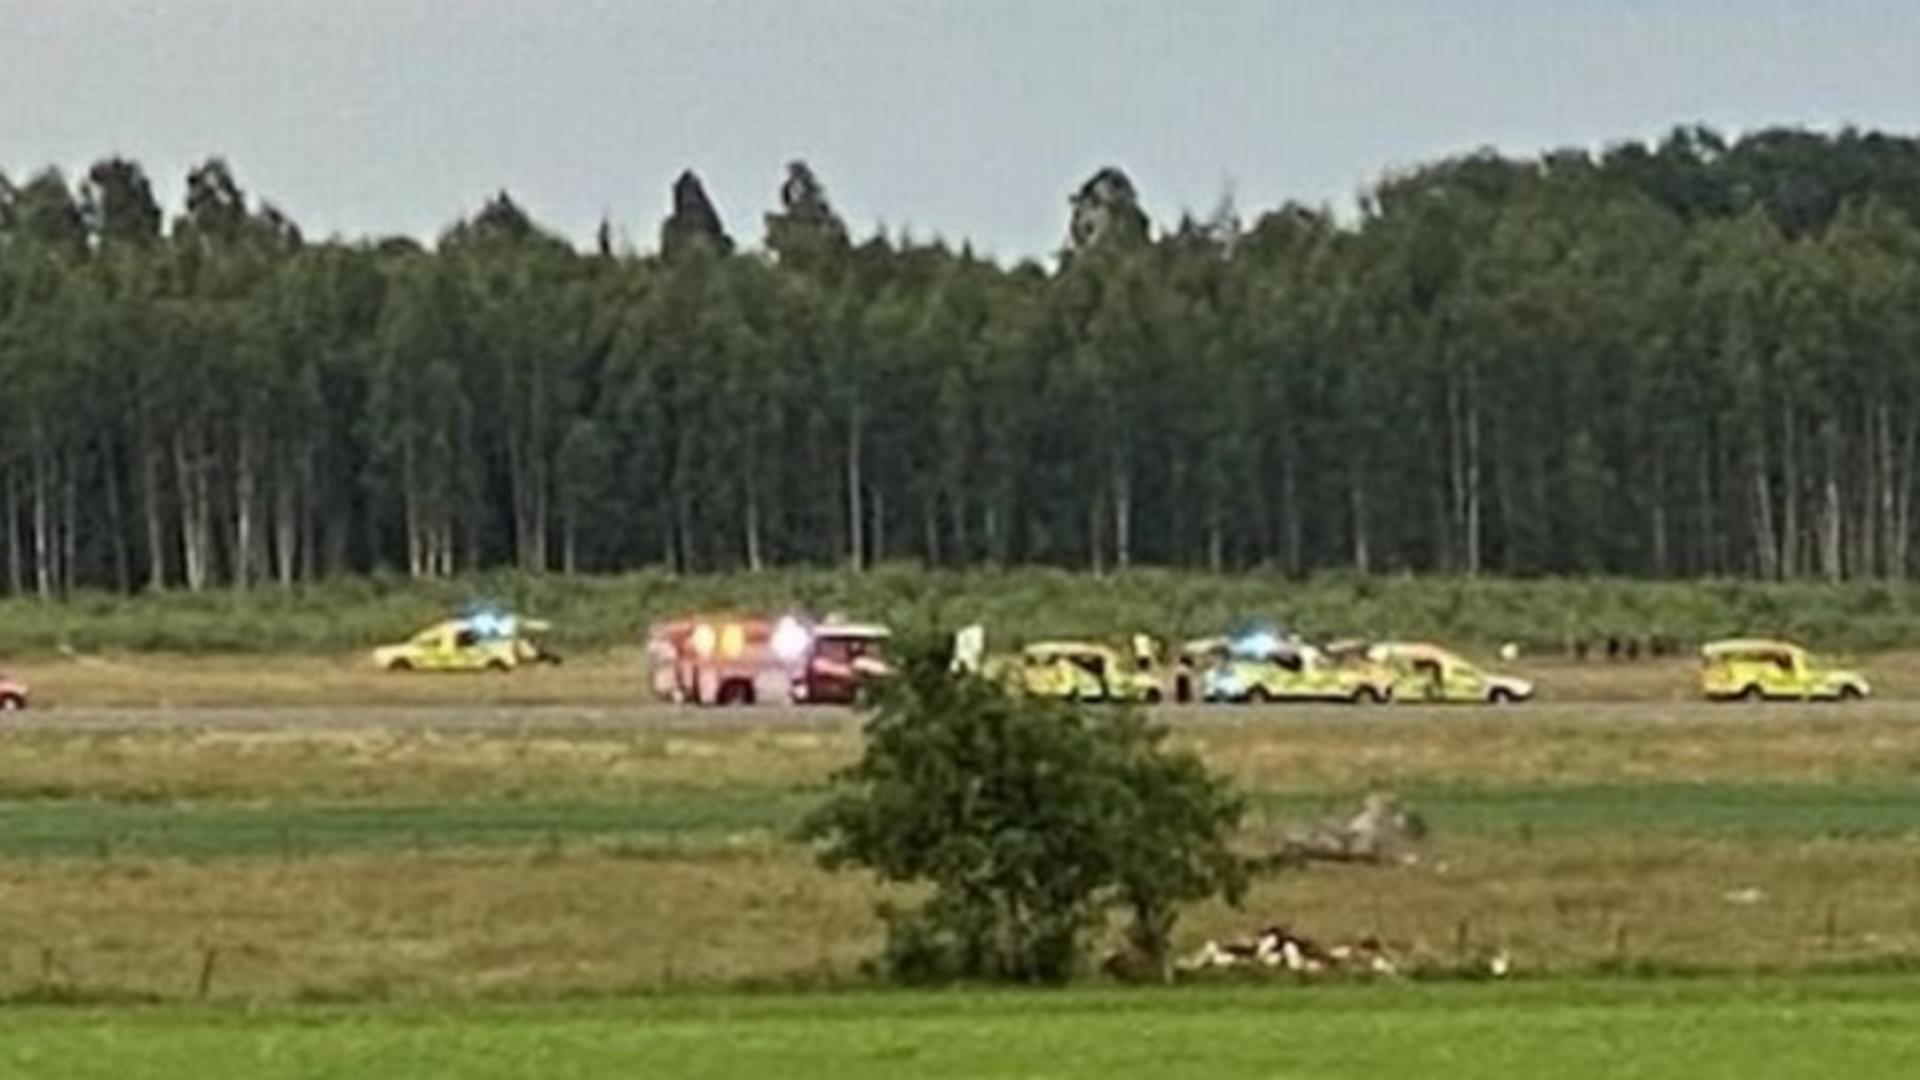 TRAGEDIE în Suedia! Mai mulți MORȚI după ce un avion s-a prăbușit după decolare - Primele IMAGINI